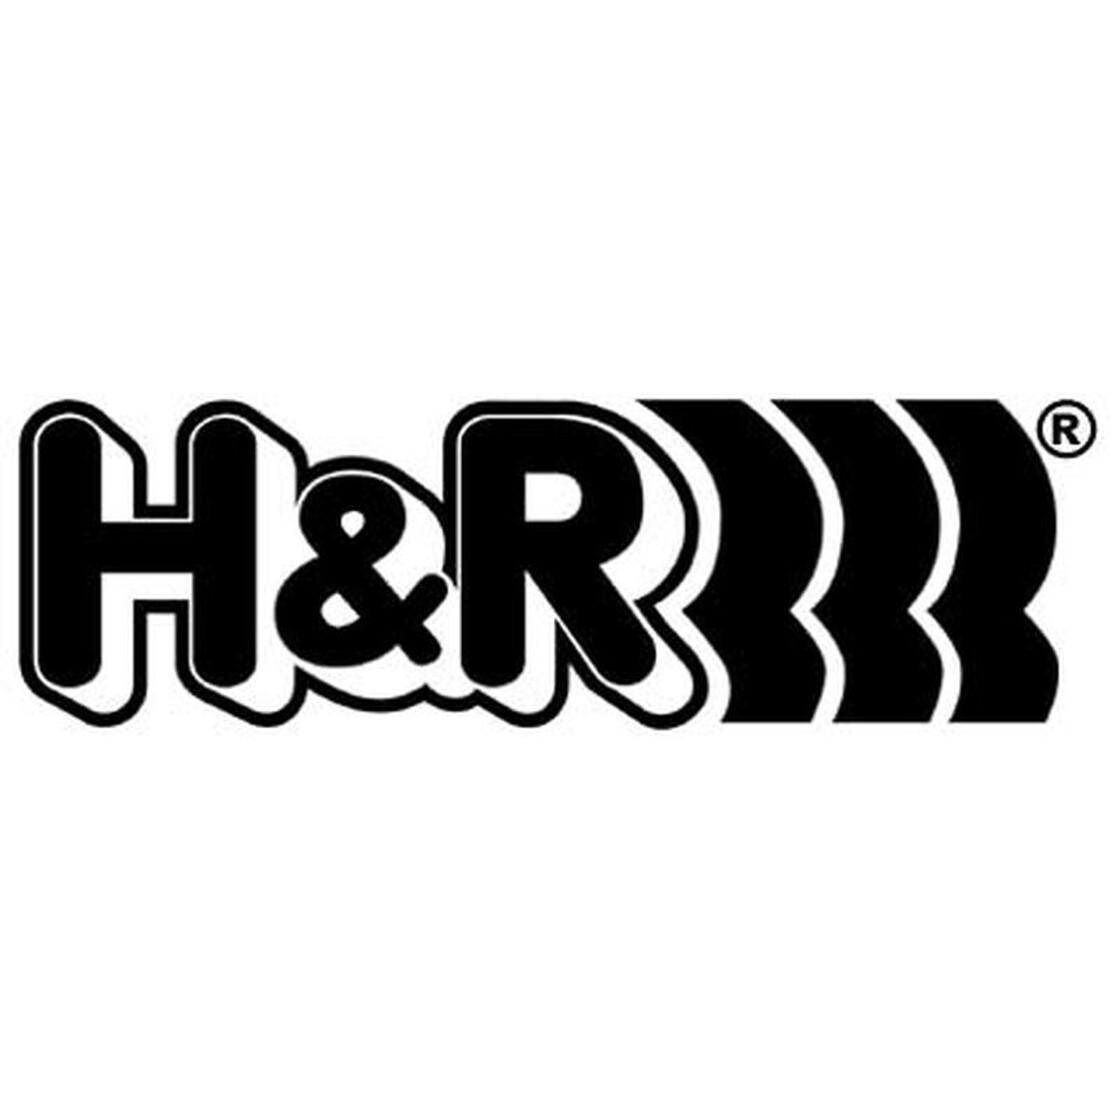 H/&R DRA Spurverbreiterung 90mm BMW 3 E36 B9075725 schwarz